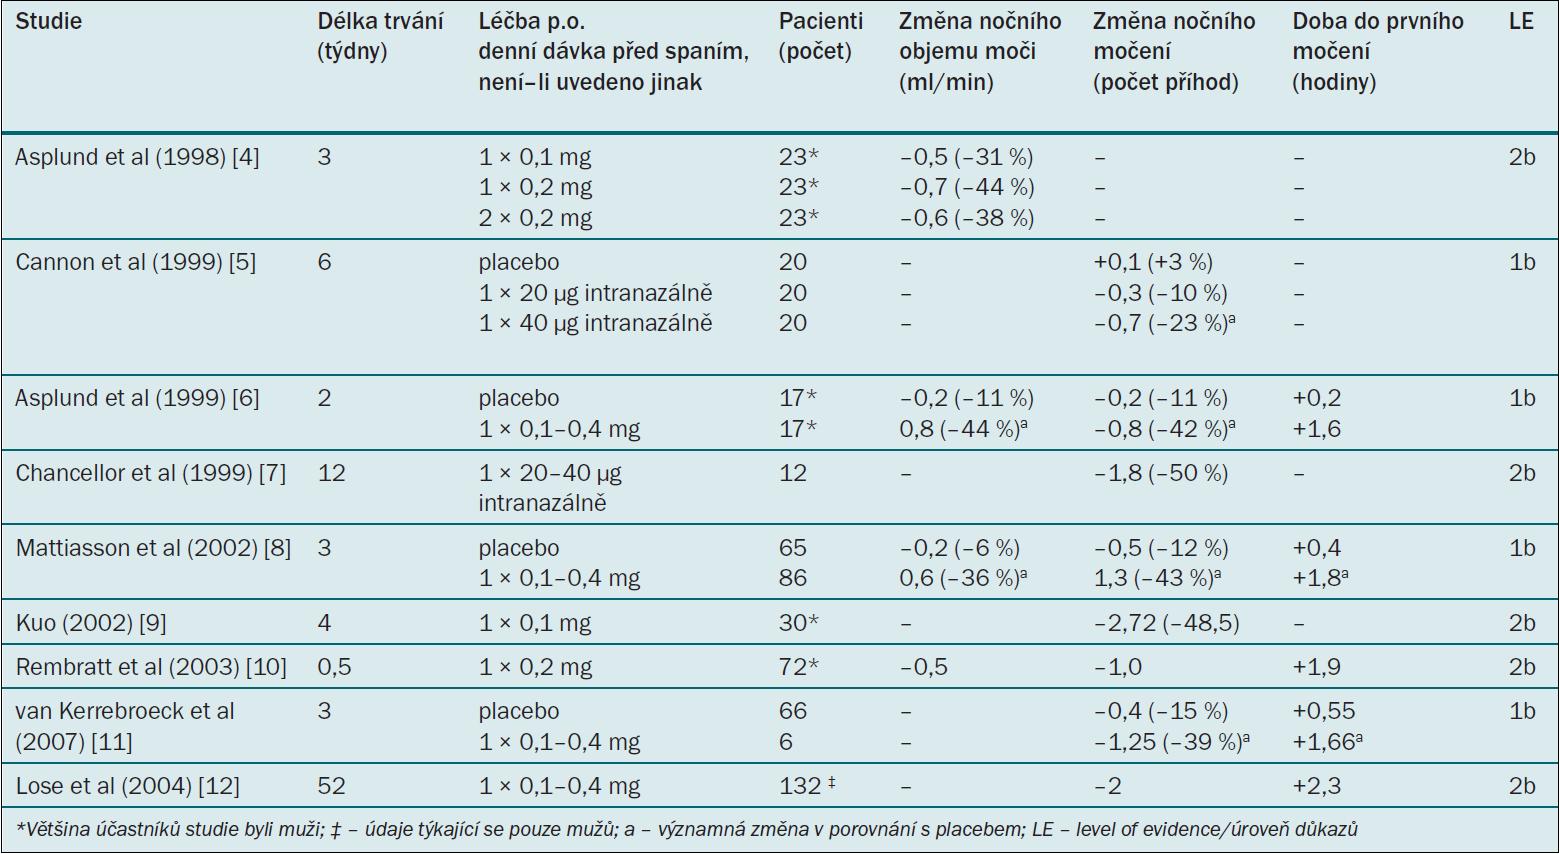 Klinické studie testující účinnost desmopresinu u dospělých mužů s noční polyurií.